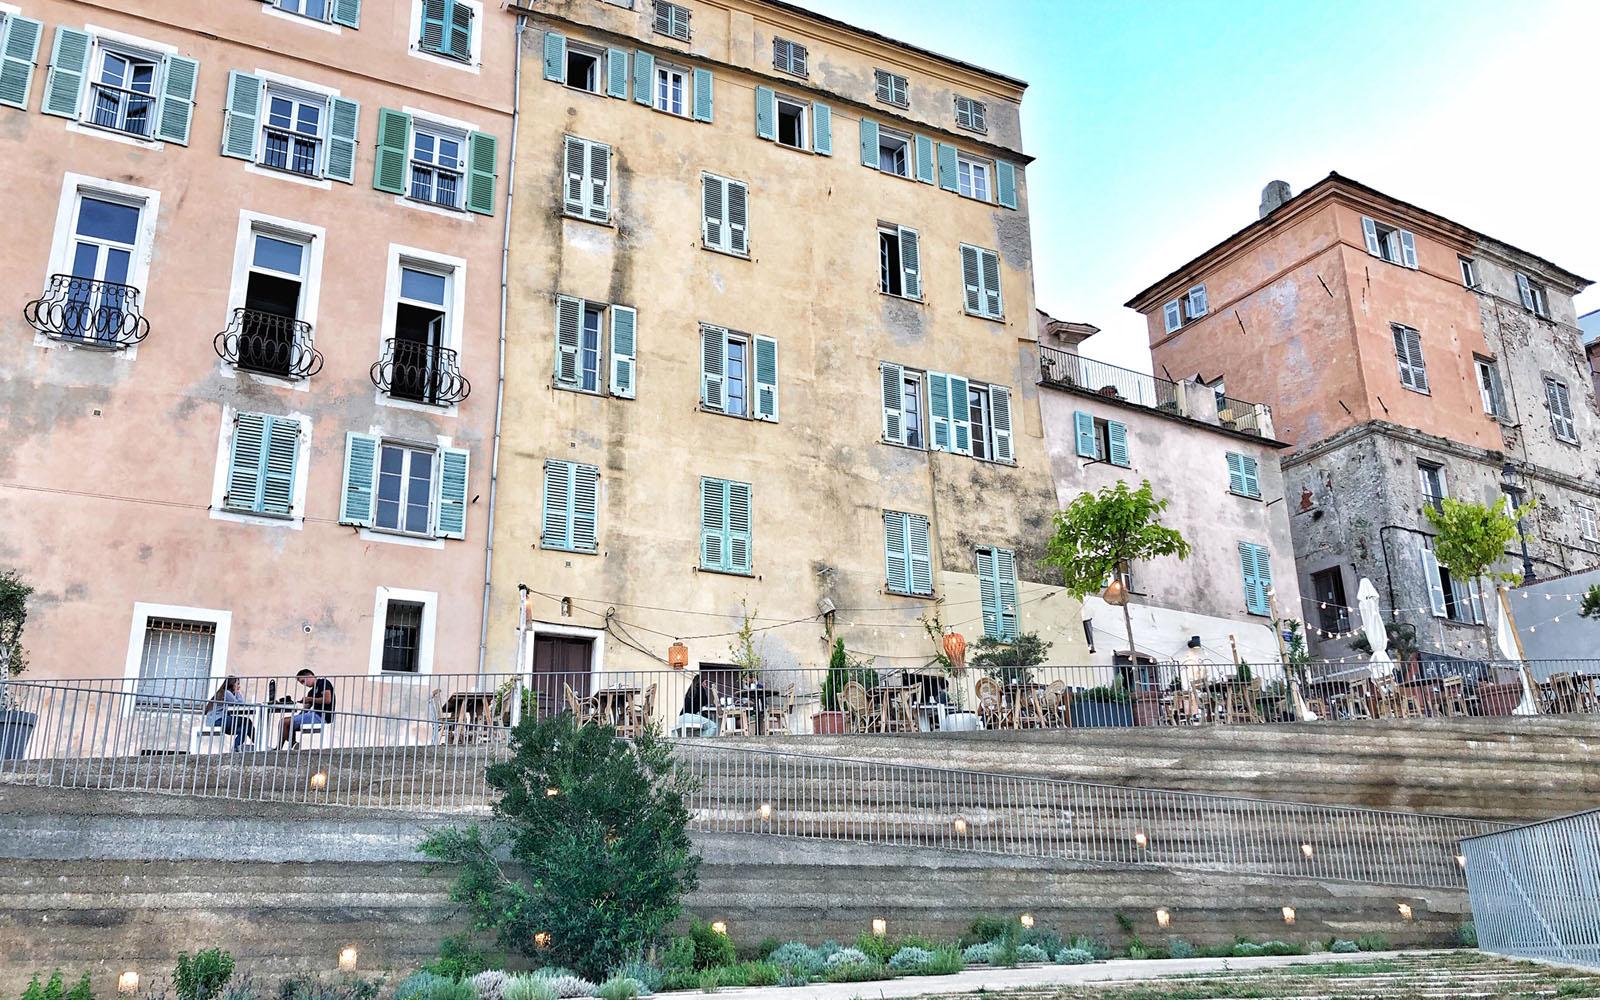 La Cittadella di Bastia, nella parte alta della città.